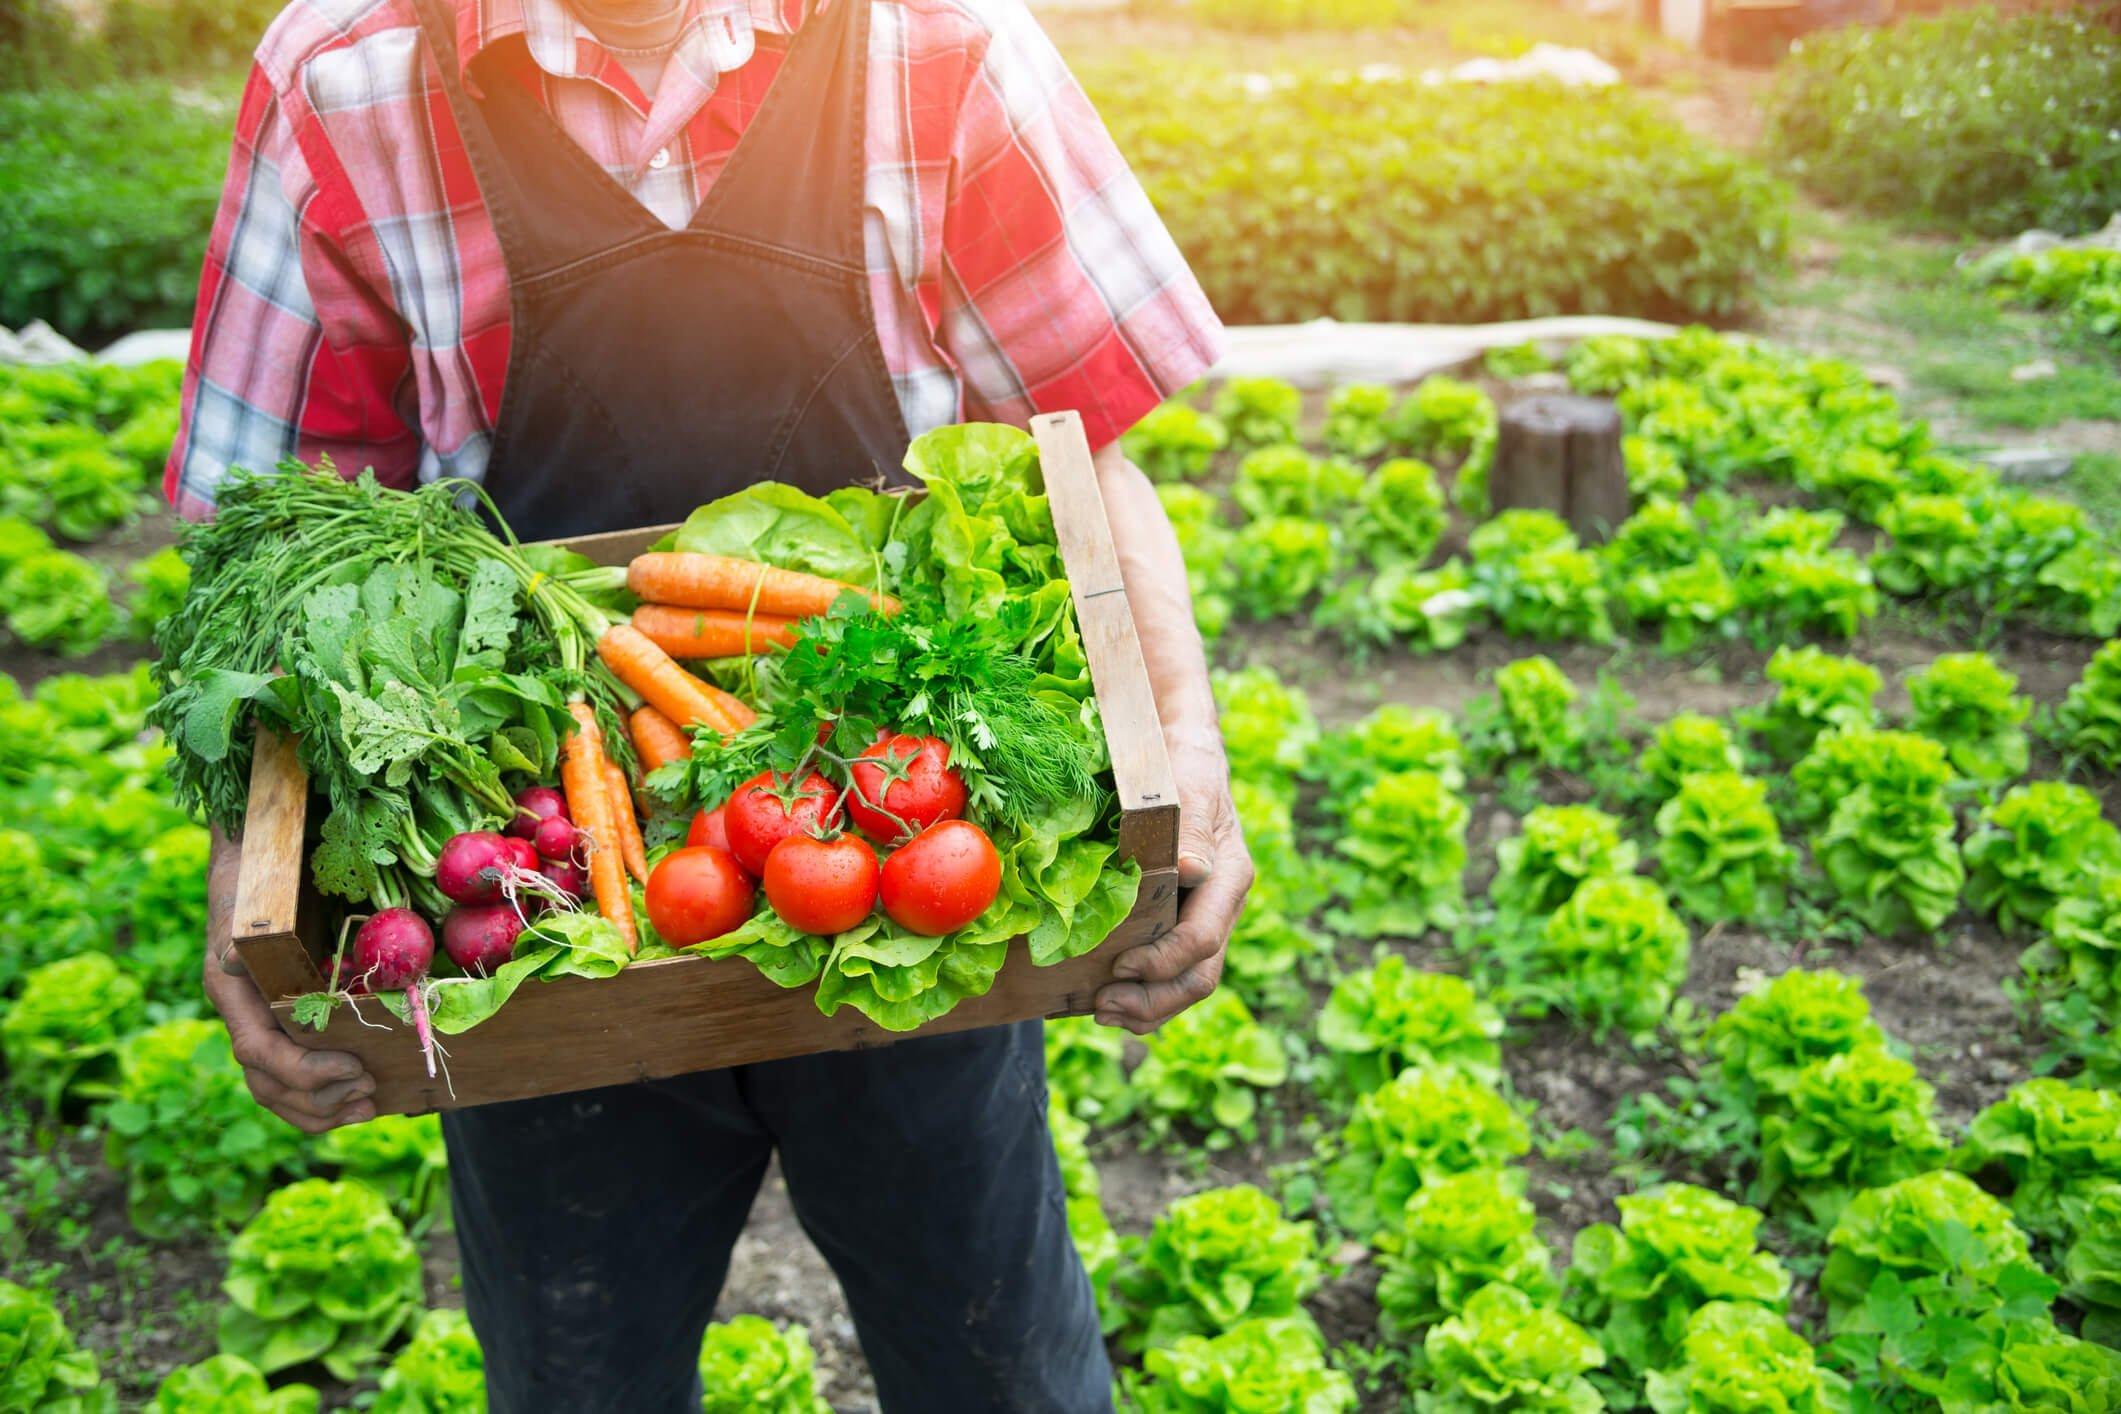 A po ju shëndoshë ushqimi organik?